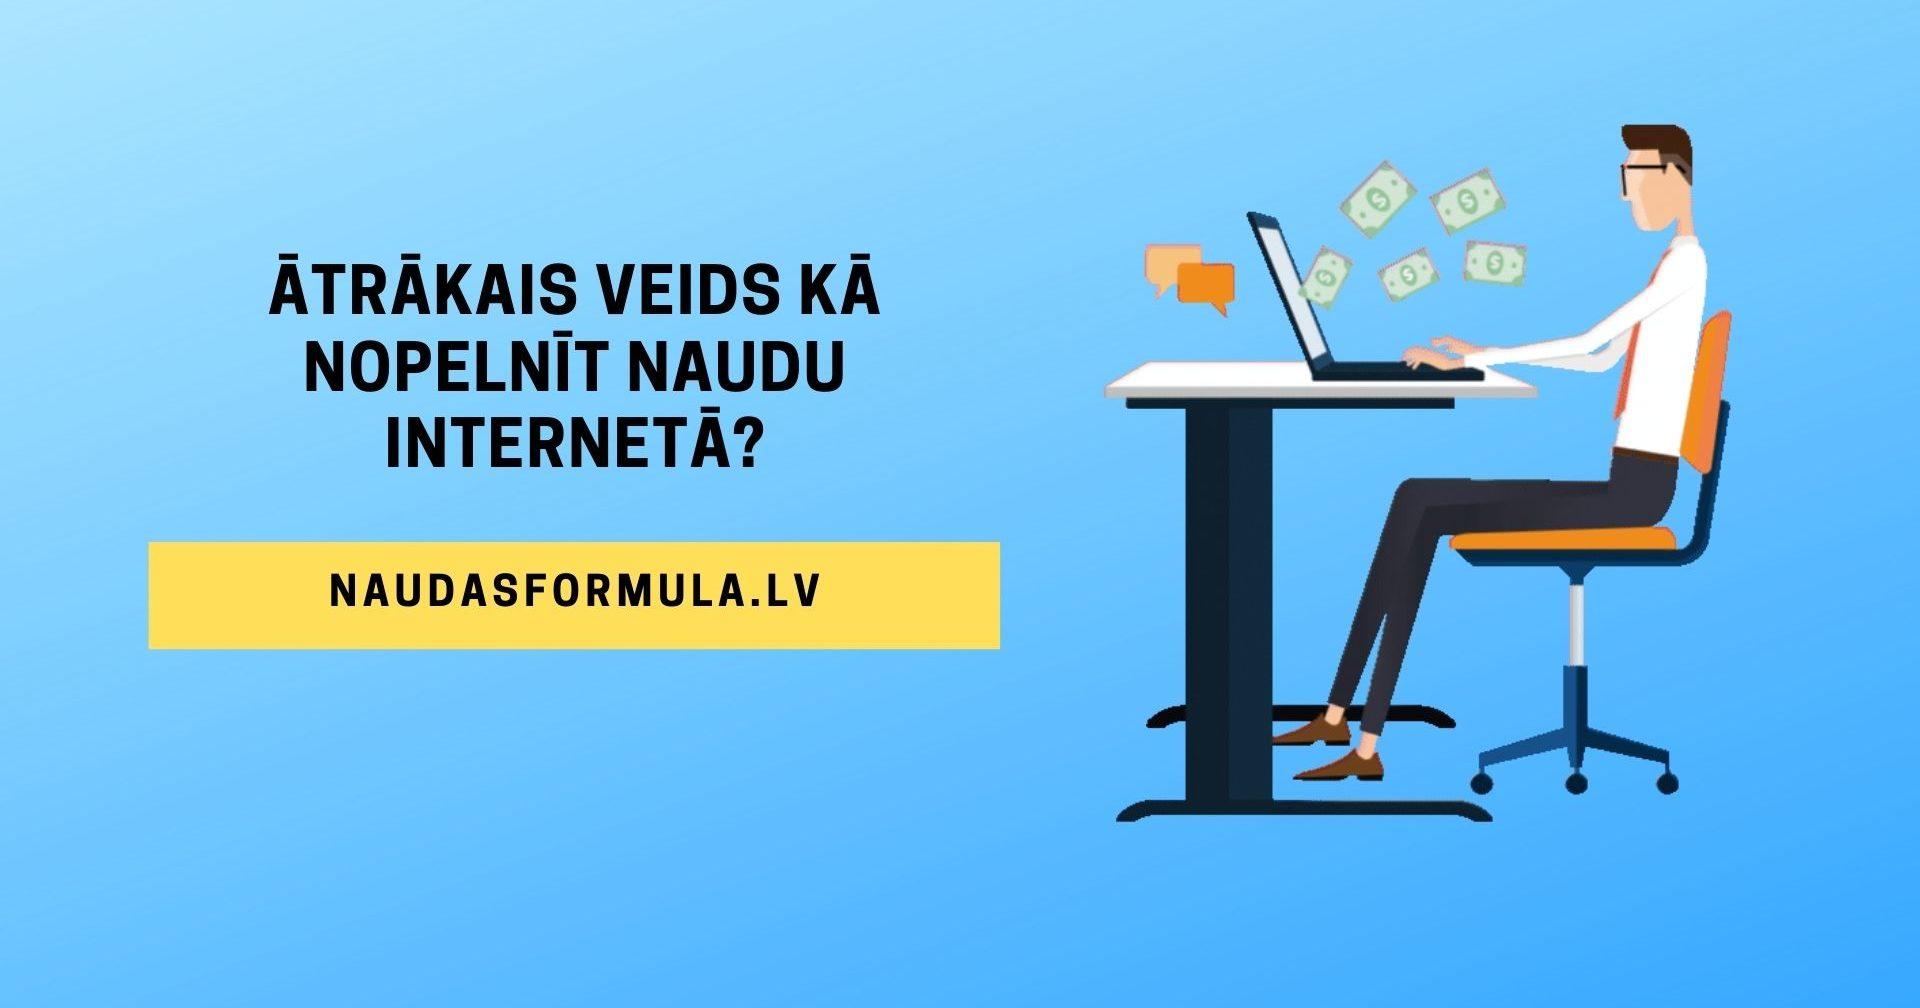 kā nopelnīt labu naudu internetā bez ieguldījumiem